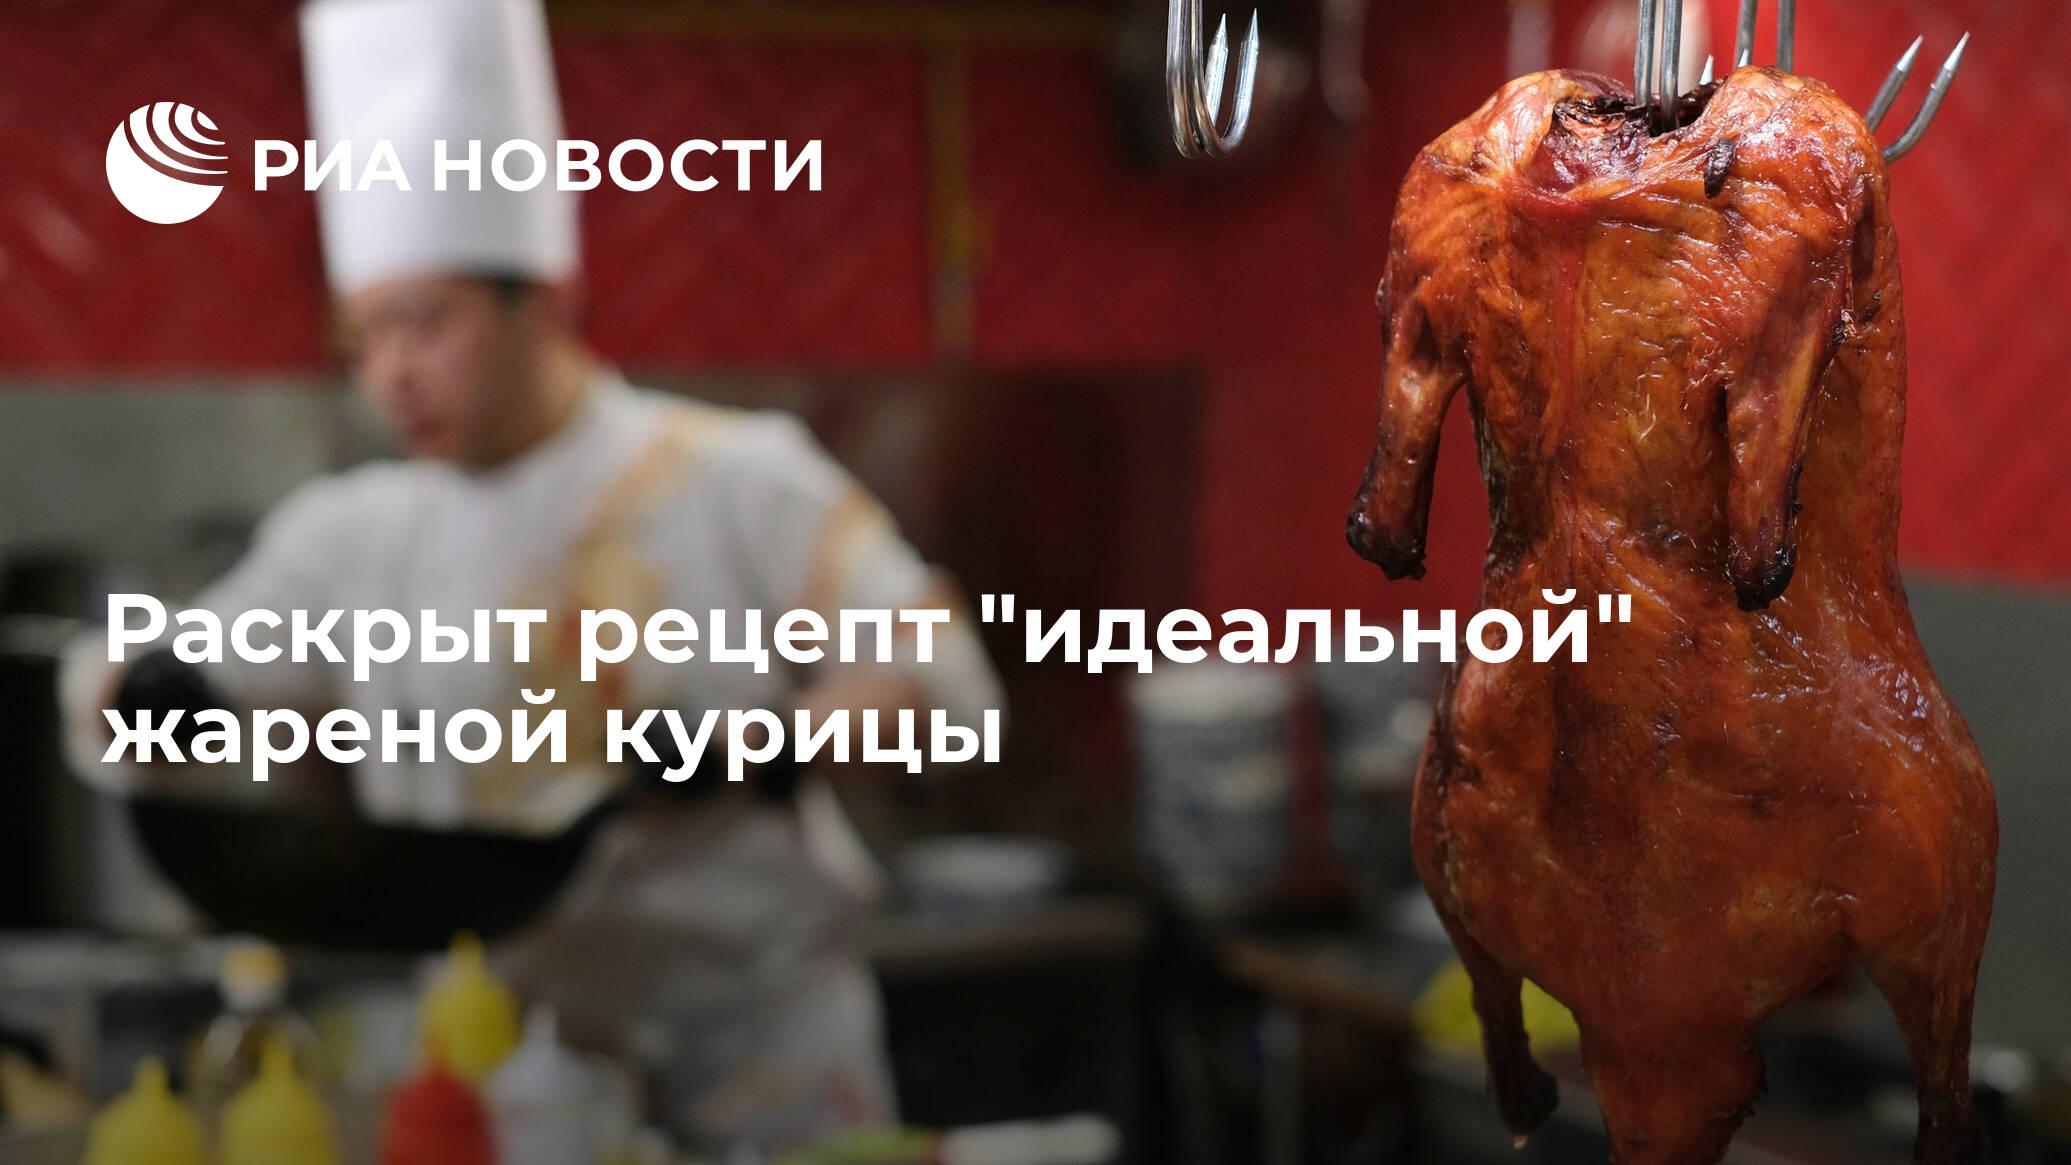 """Раскрыт рецепт """"идеальной"""" жареной курицы"""